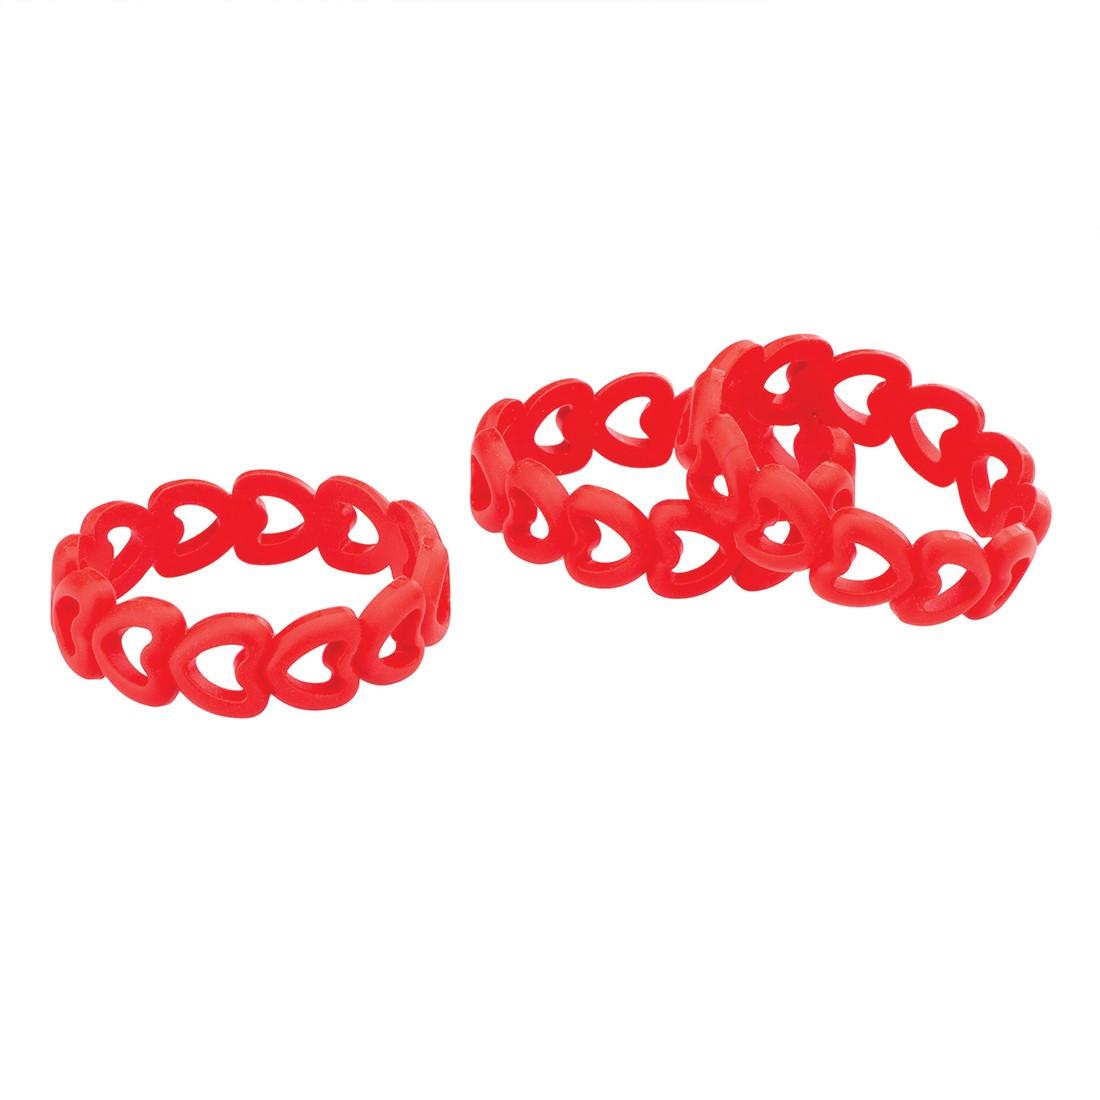 Silicone Heart Bracelets [image]